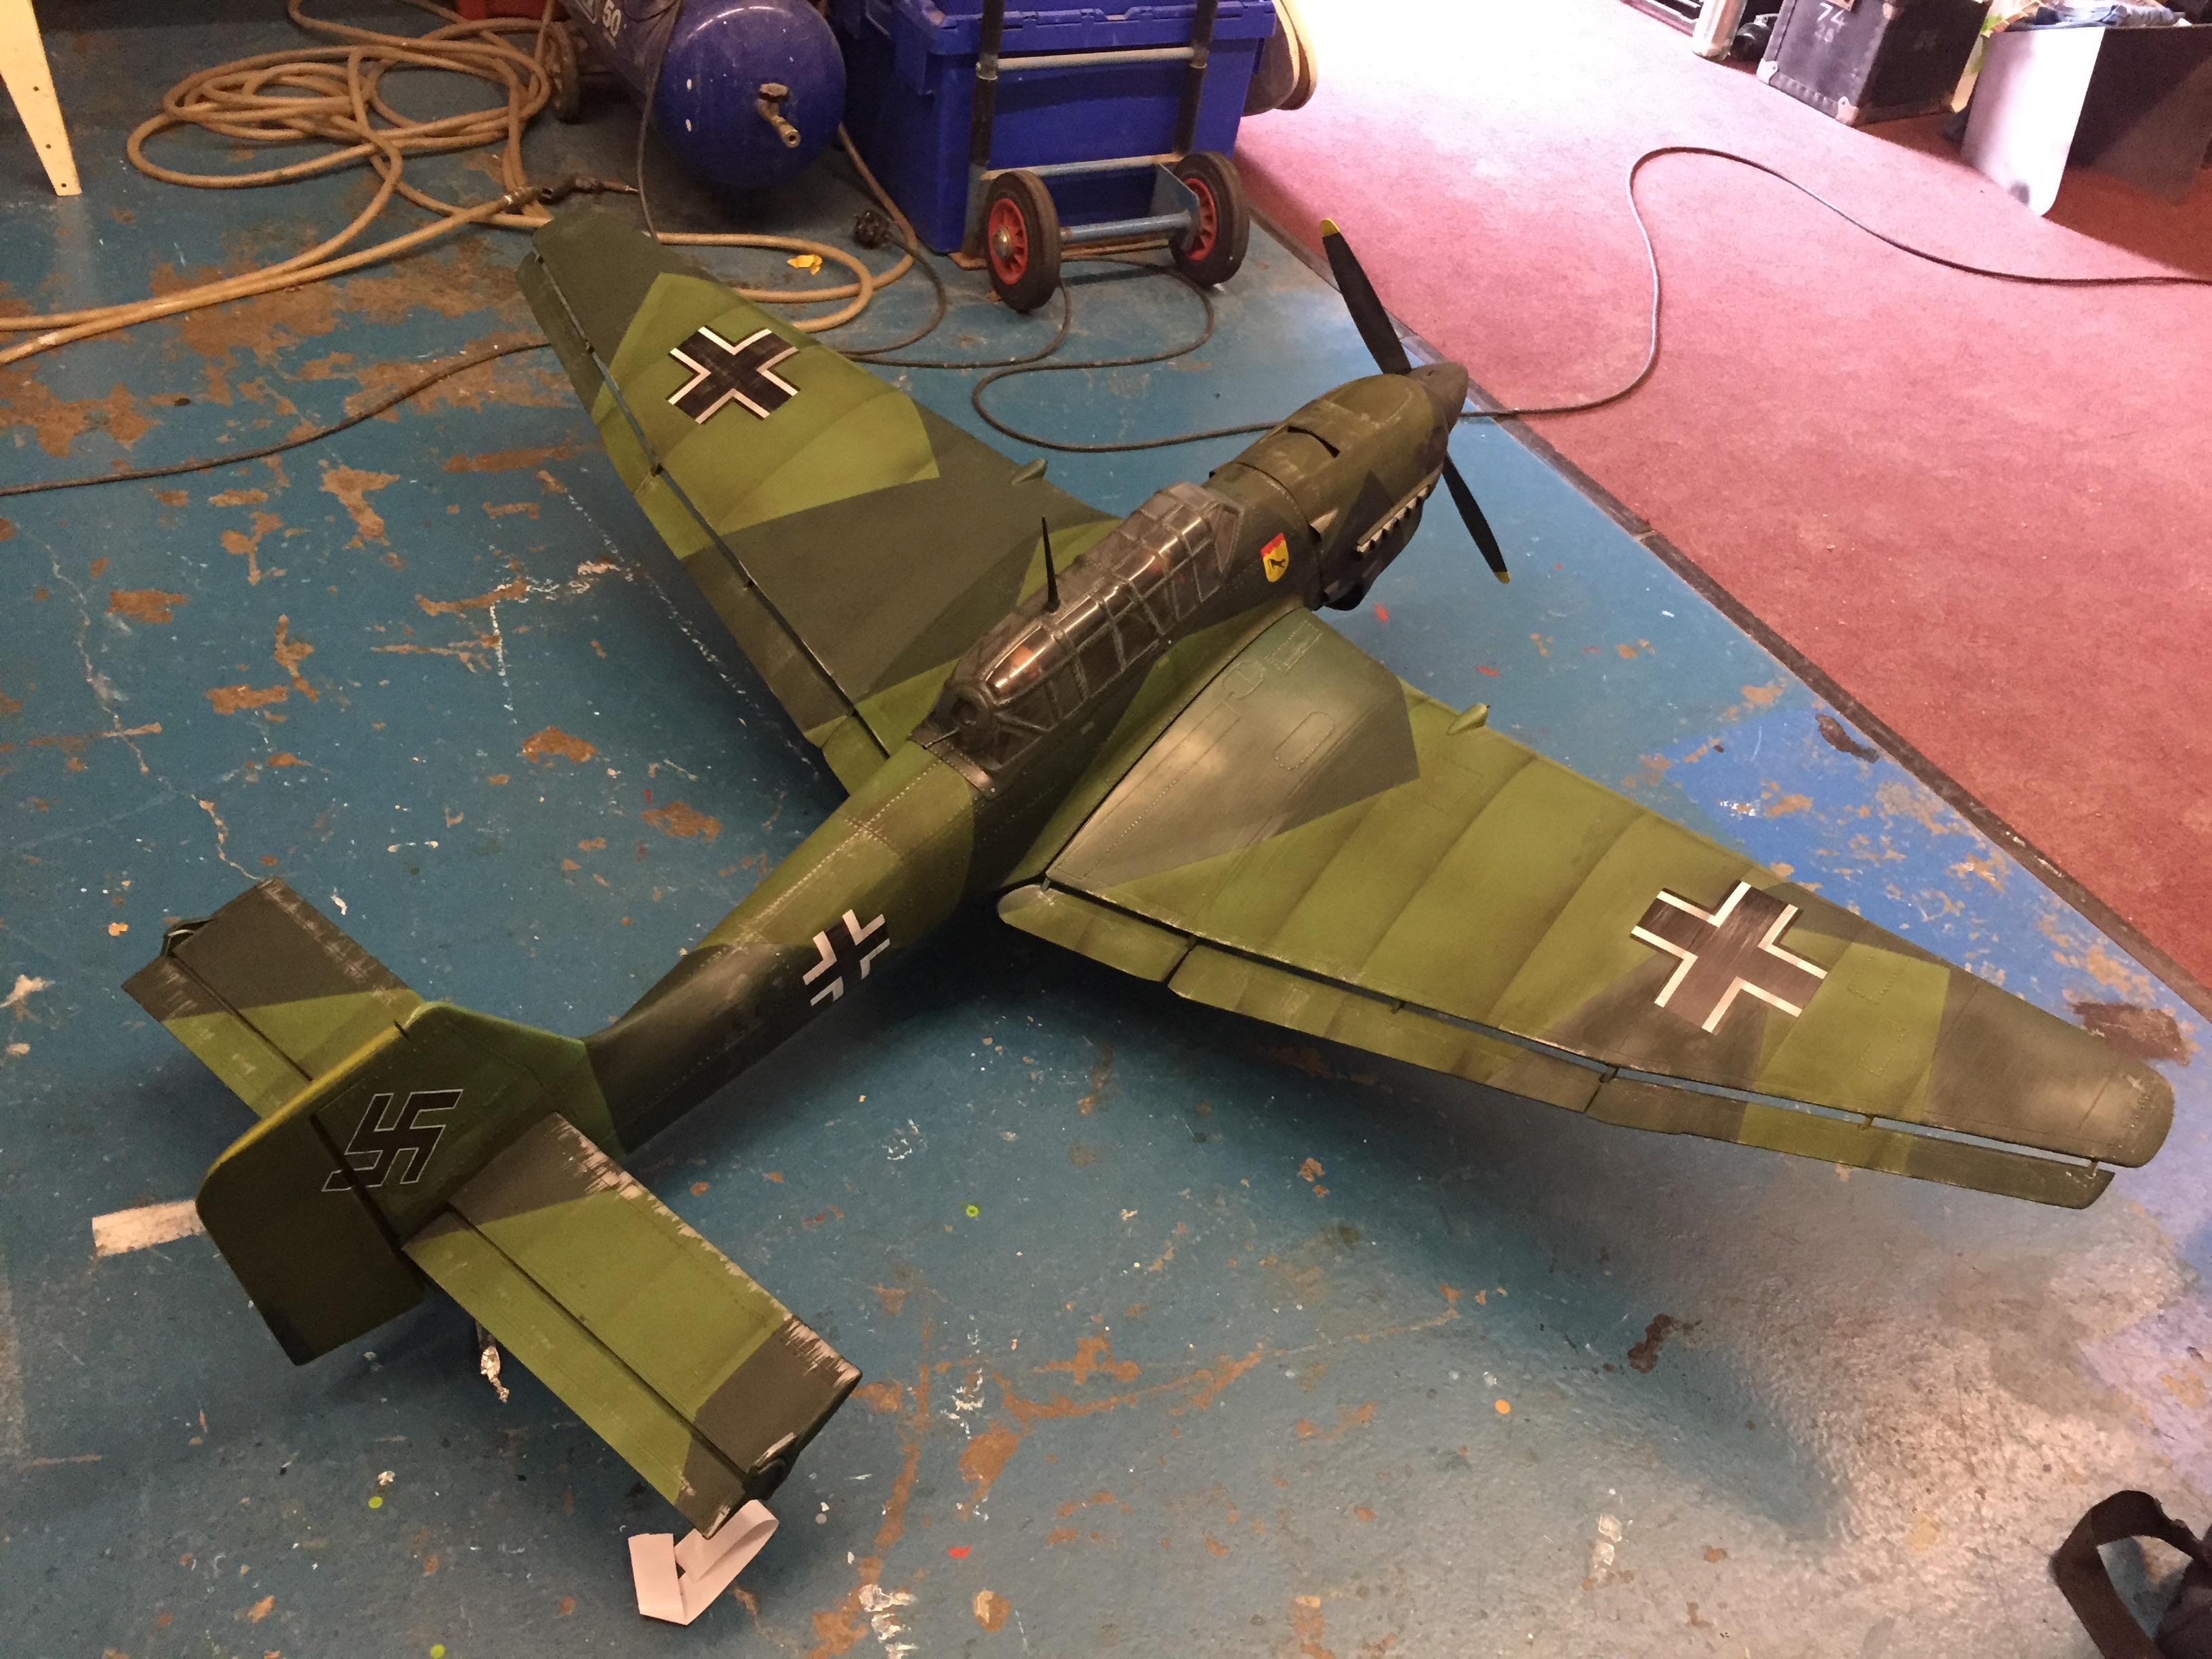 Model Making Stuka Bomber